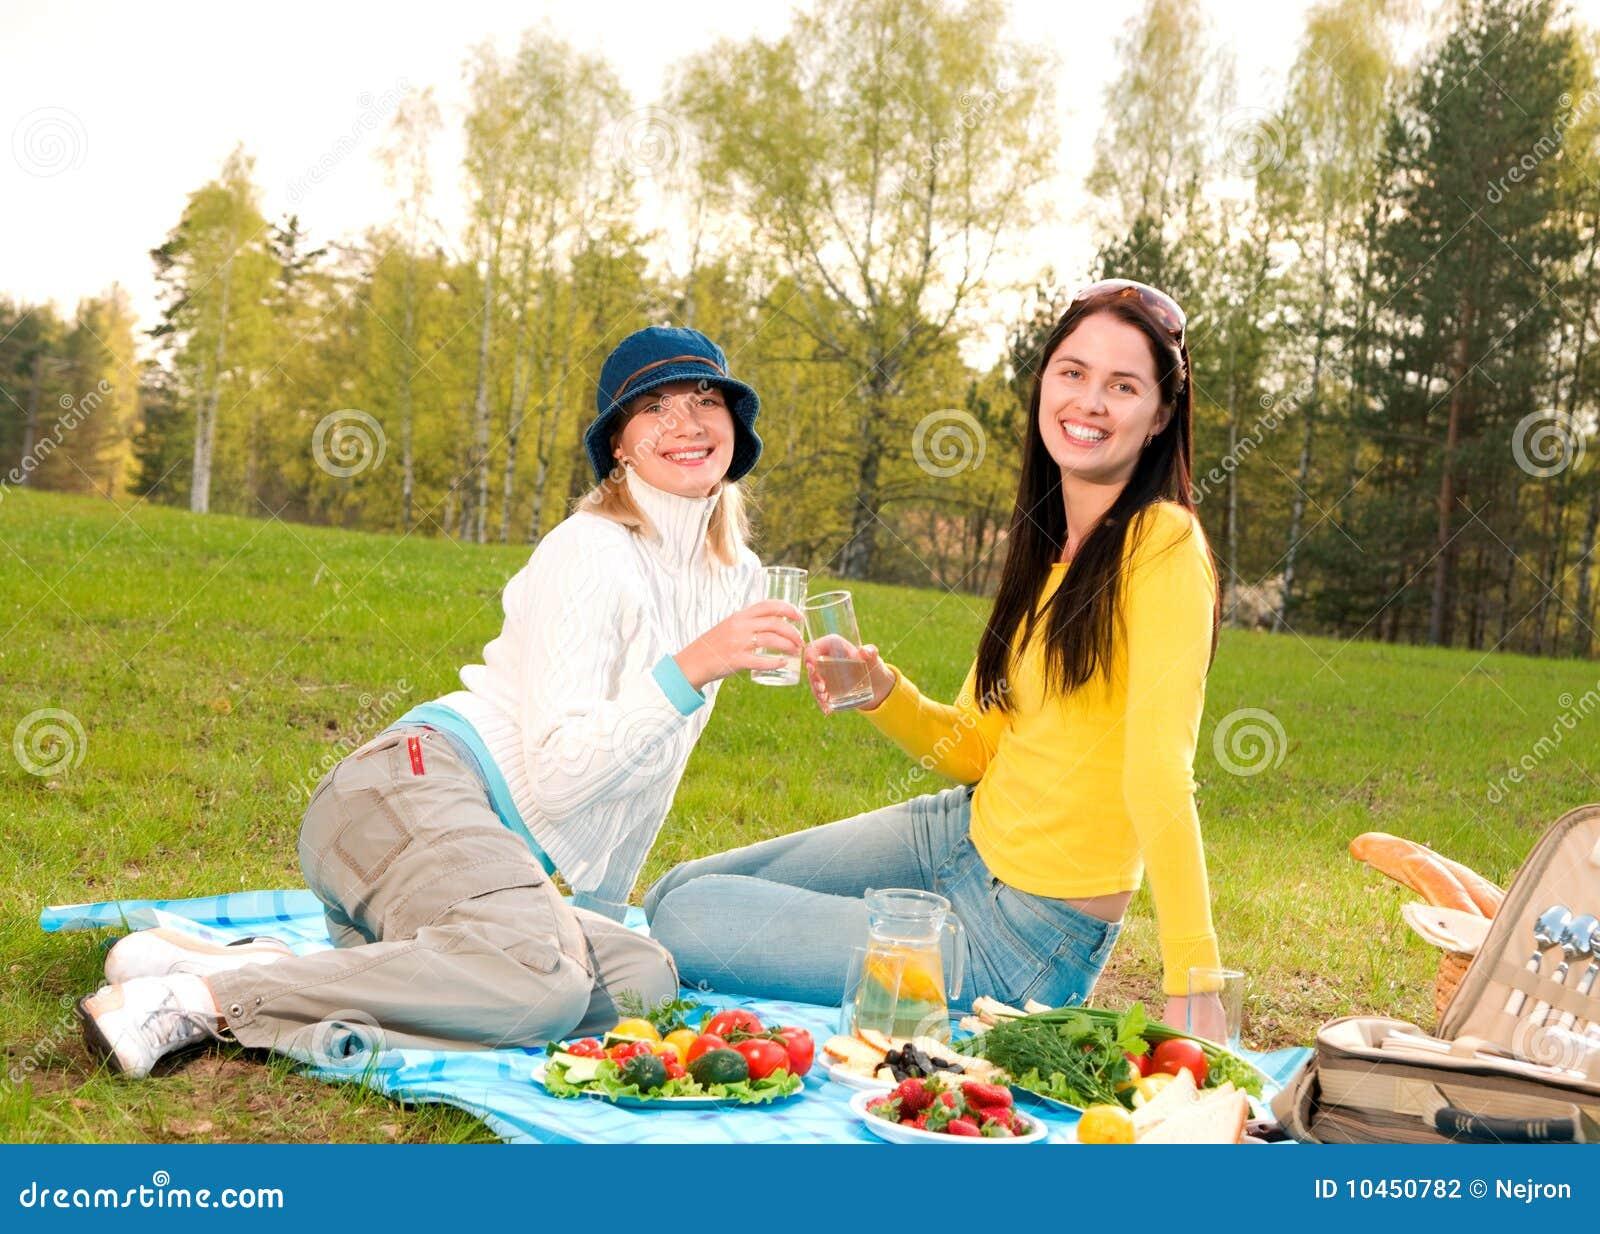 С женой на пикнике 11 фотография